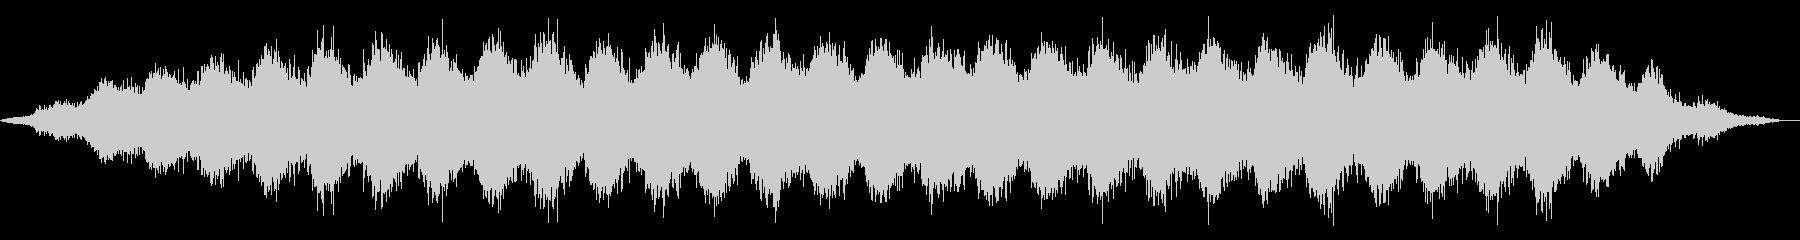 ヨガとマッサージ。ゆっくりと長い波。の未再生の波形